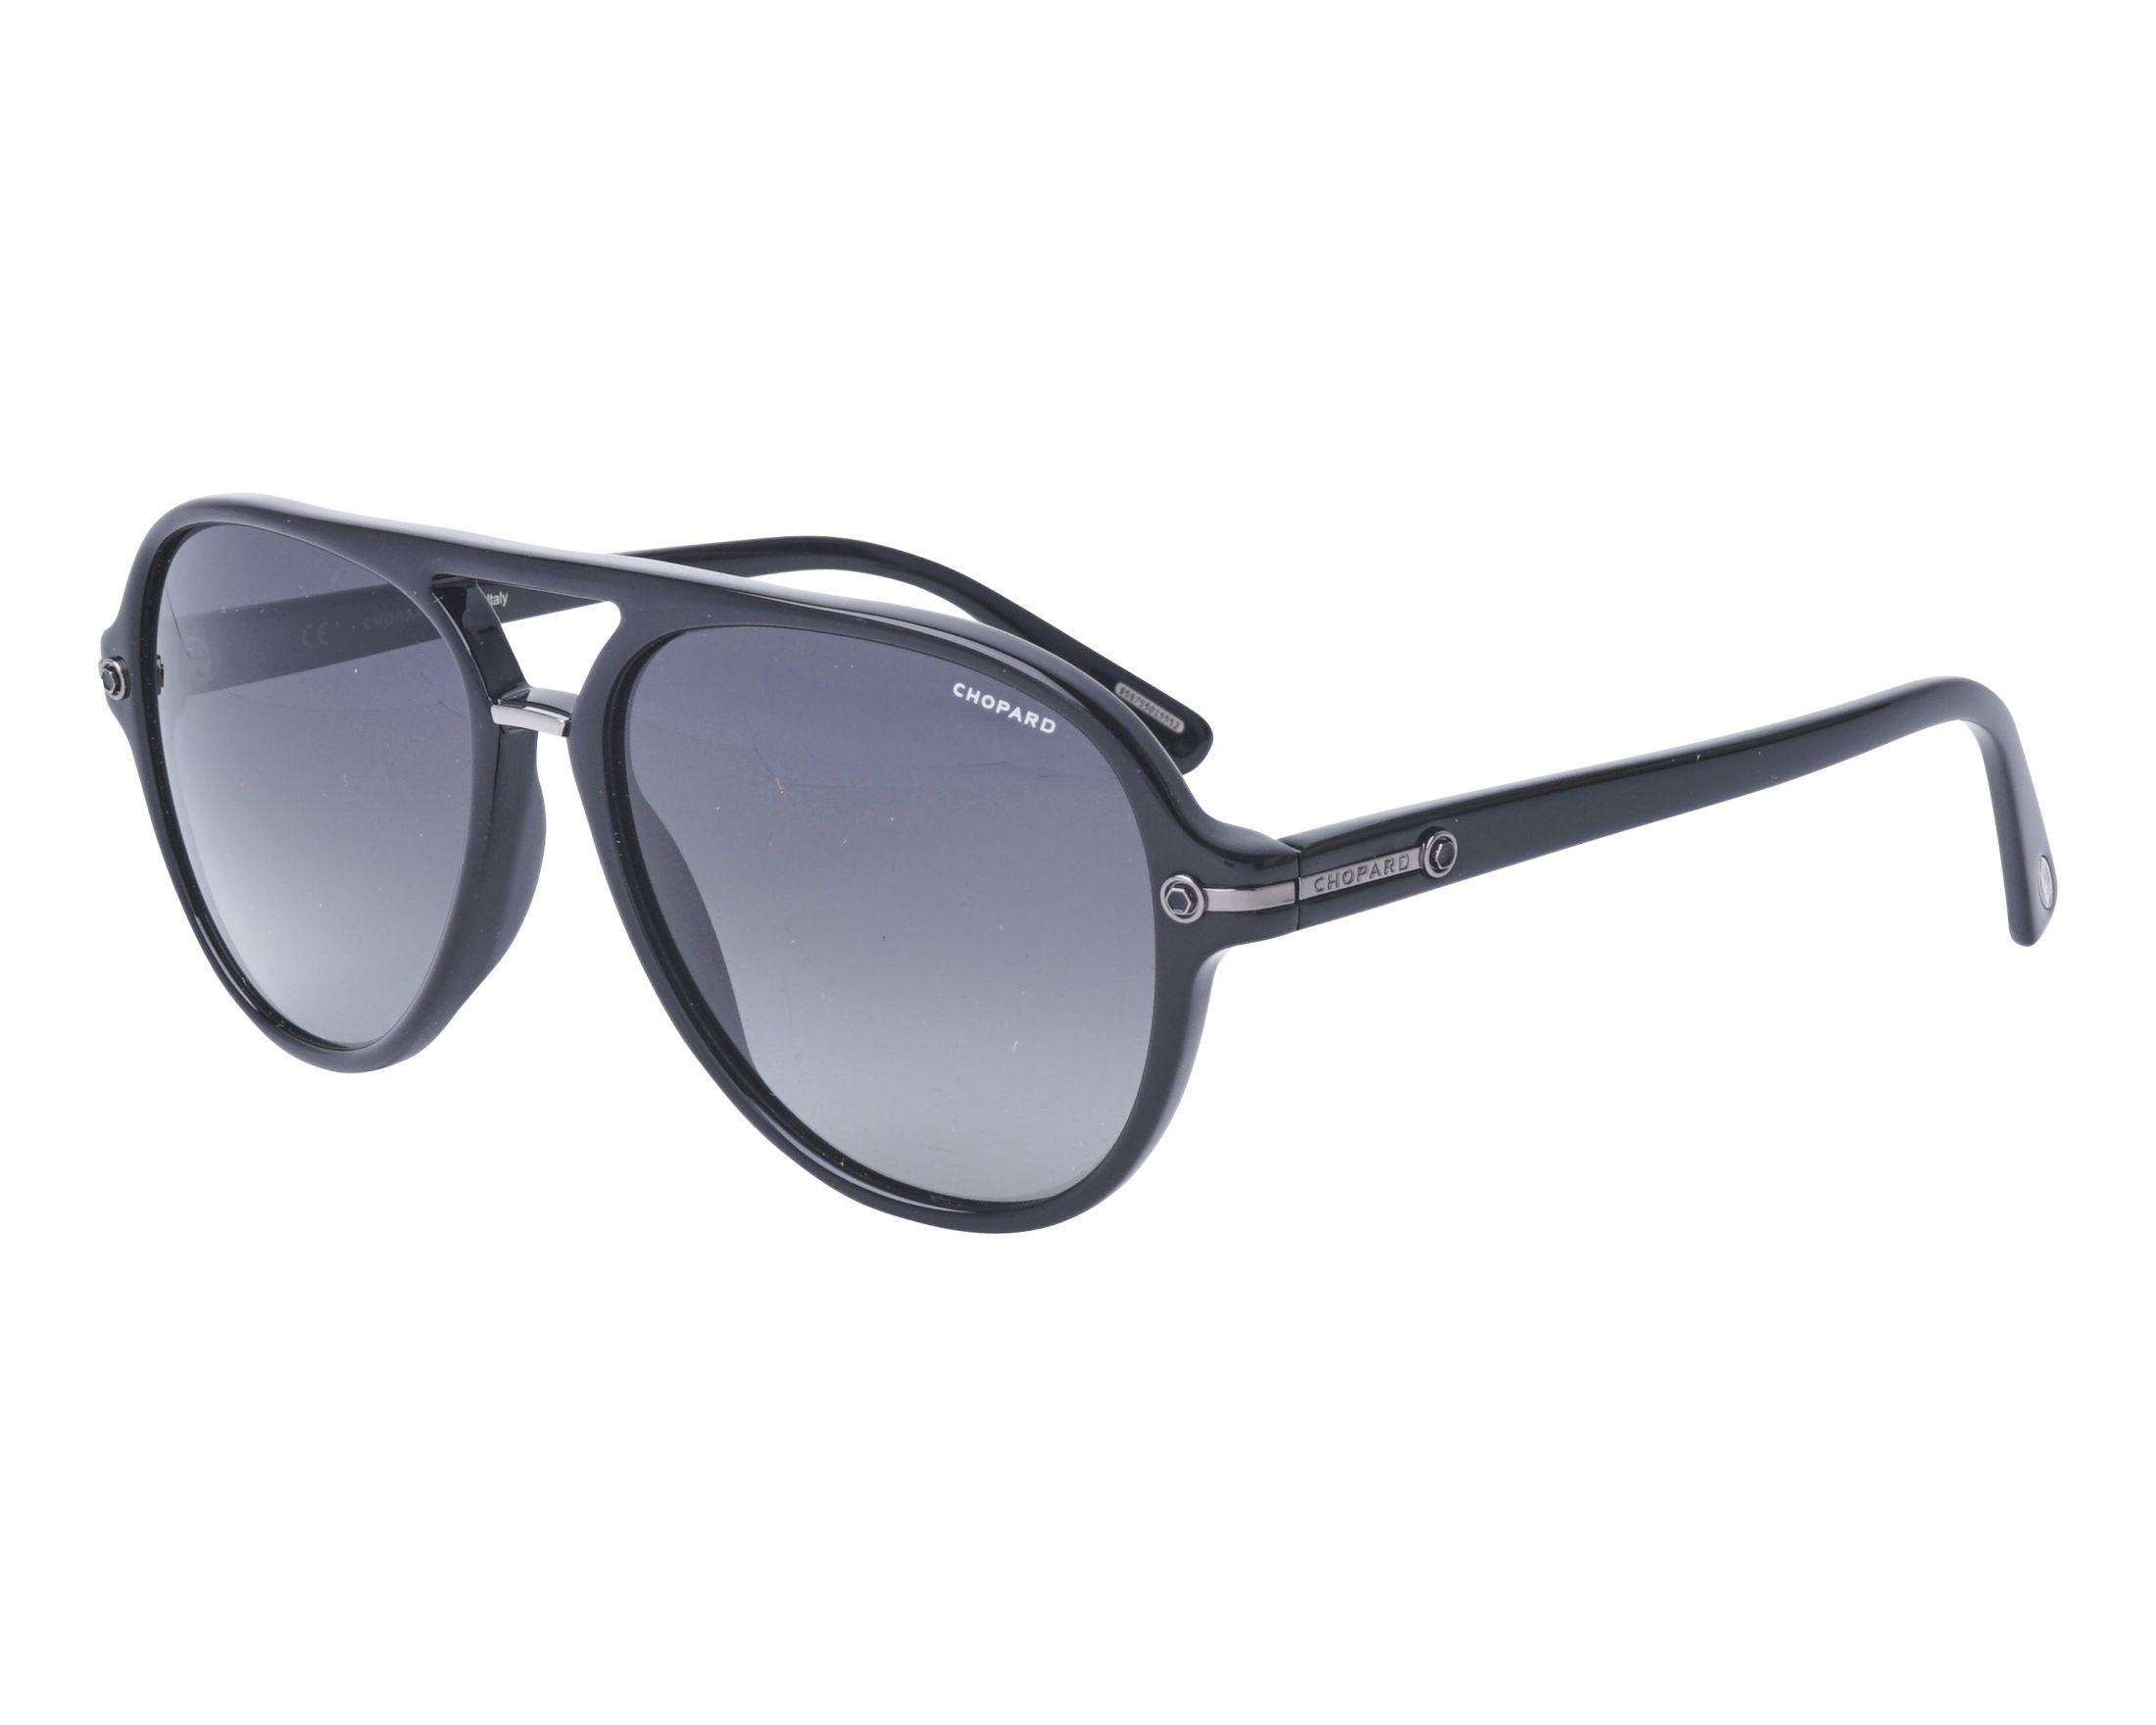 ec252525c5 Gafas de sol Chopard SCH-193 700Z 58-16 Negra vista de perfil